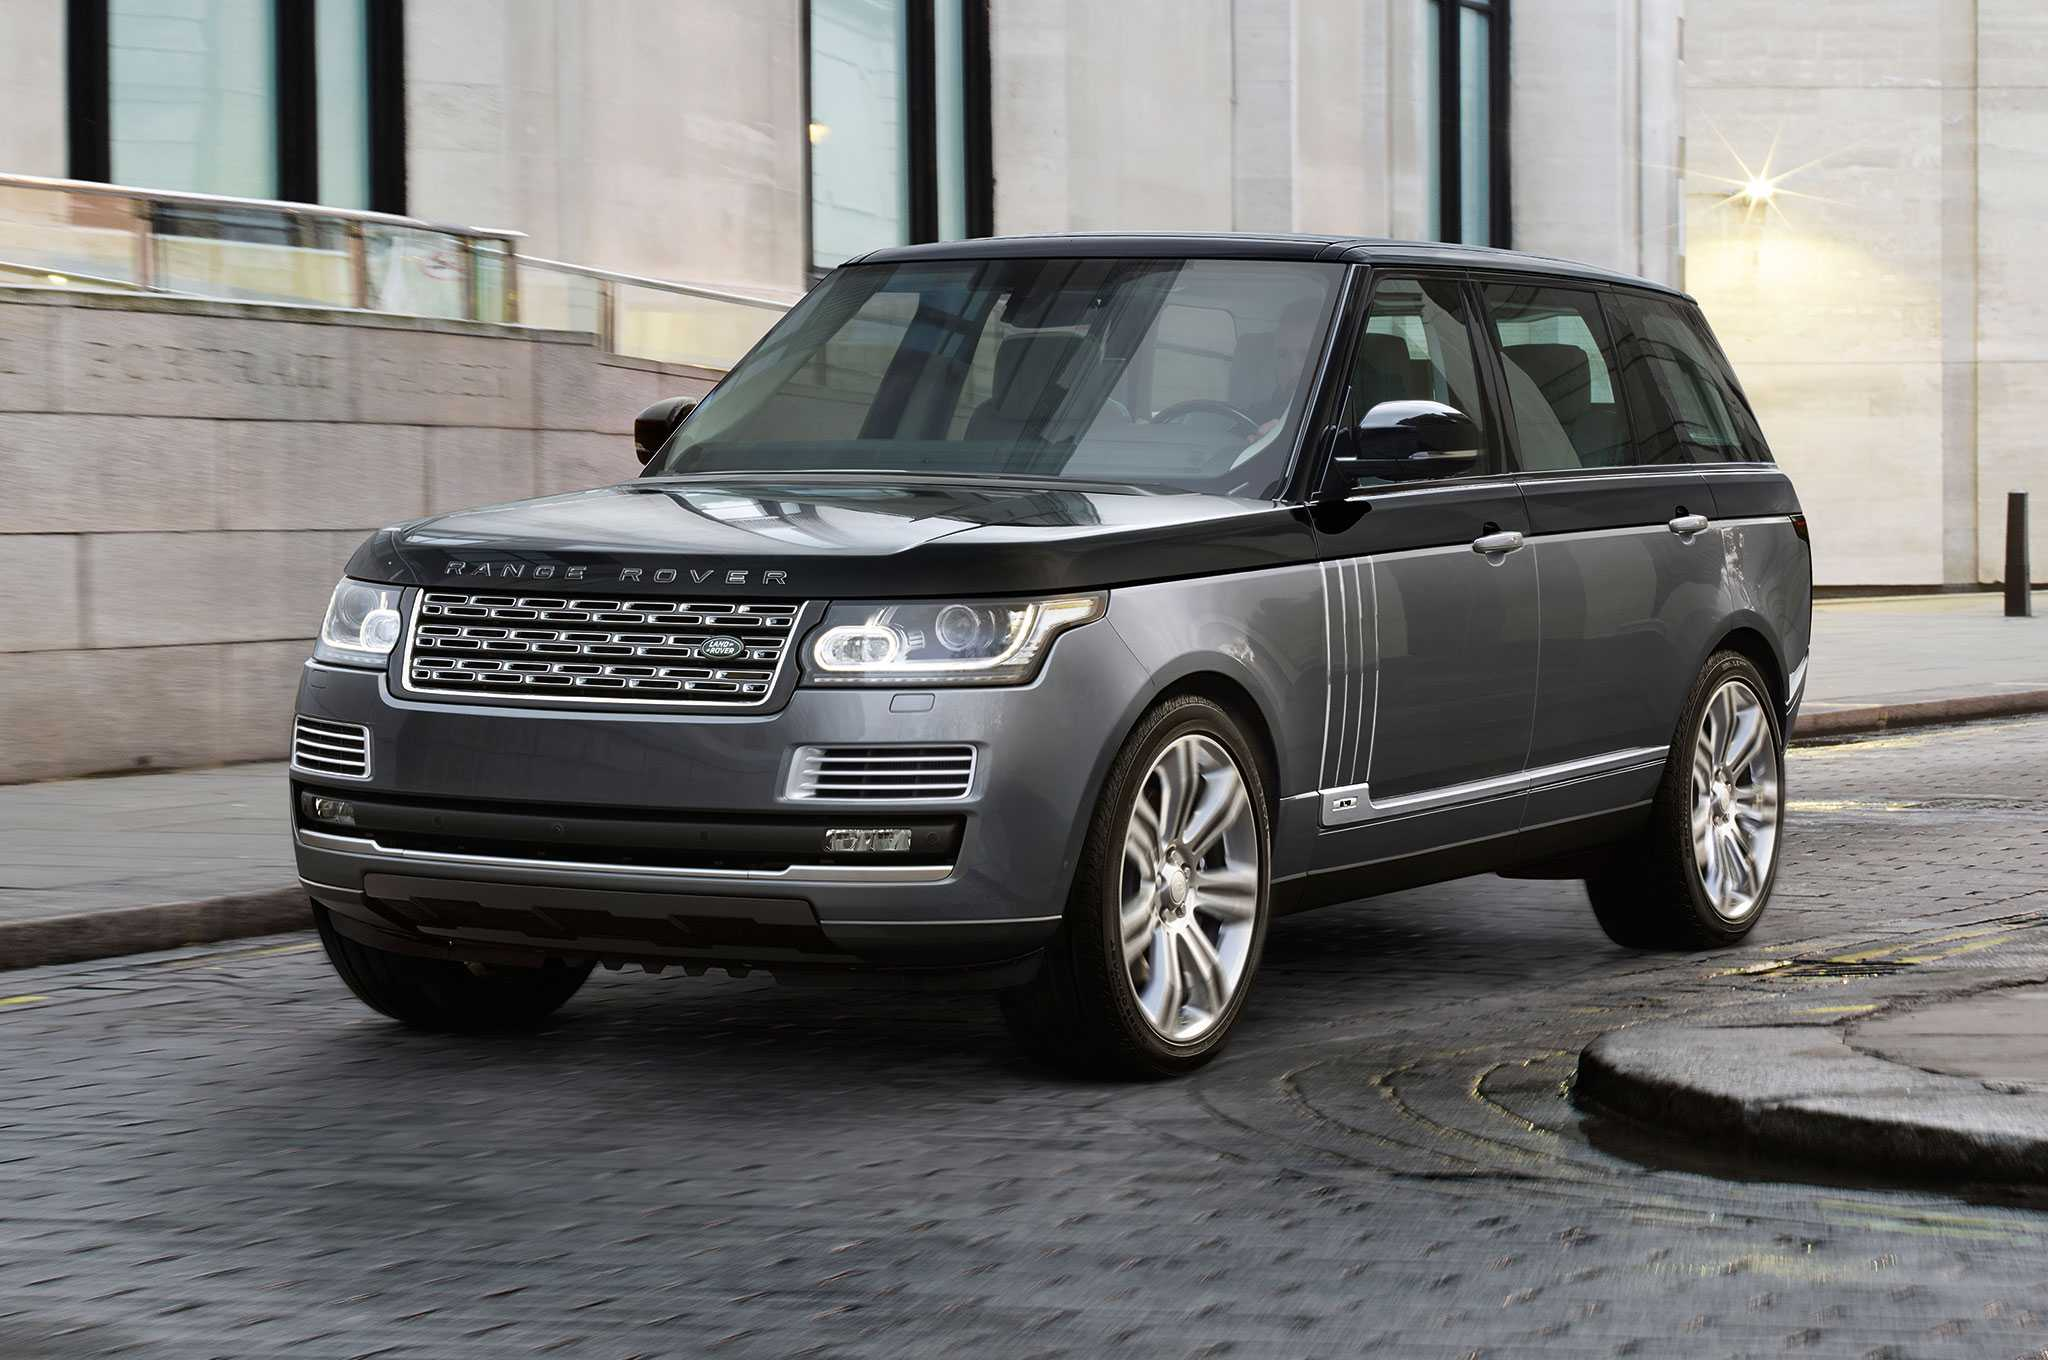 2016 Land Rover Range Rover Nashville Chatter